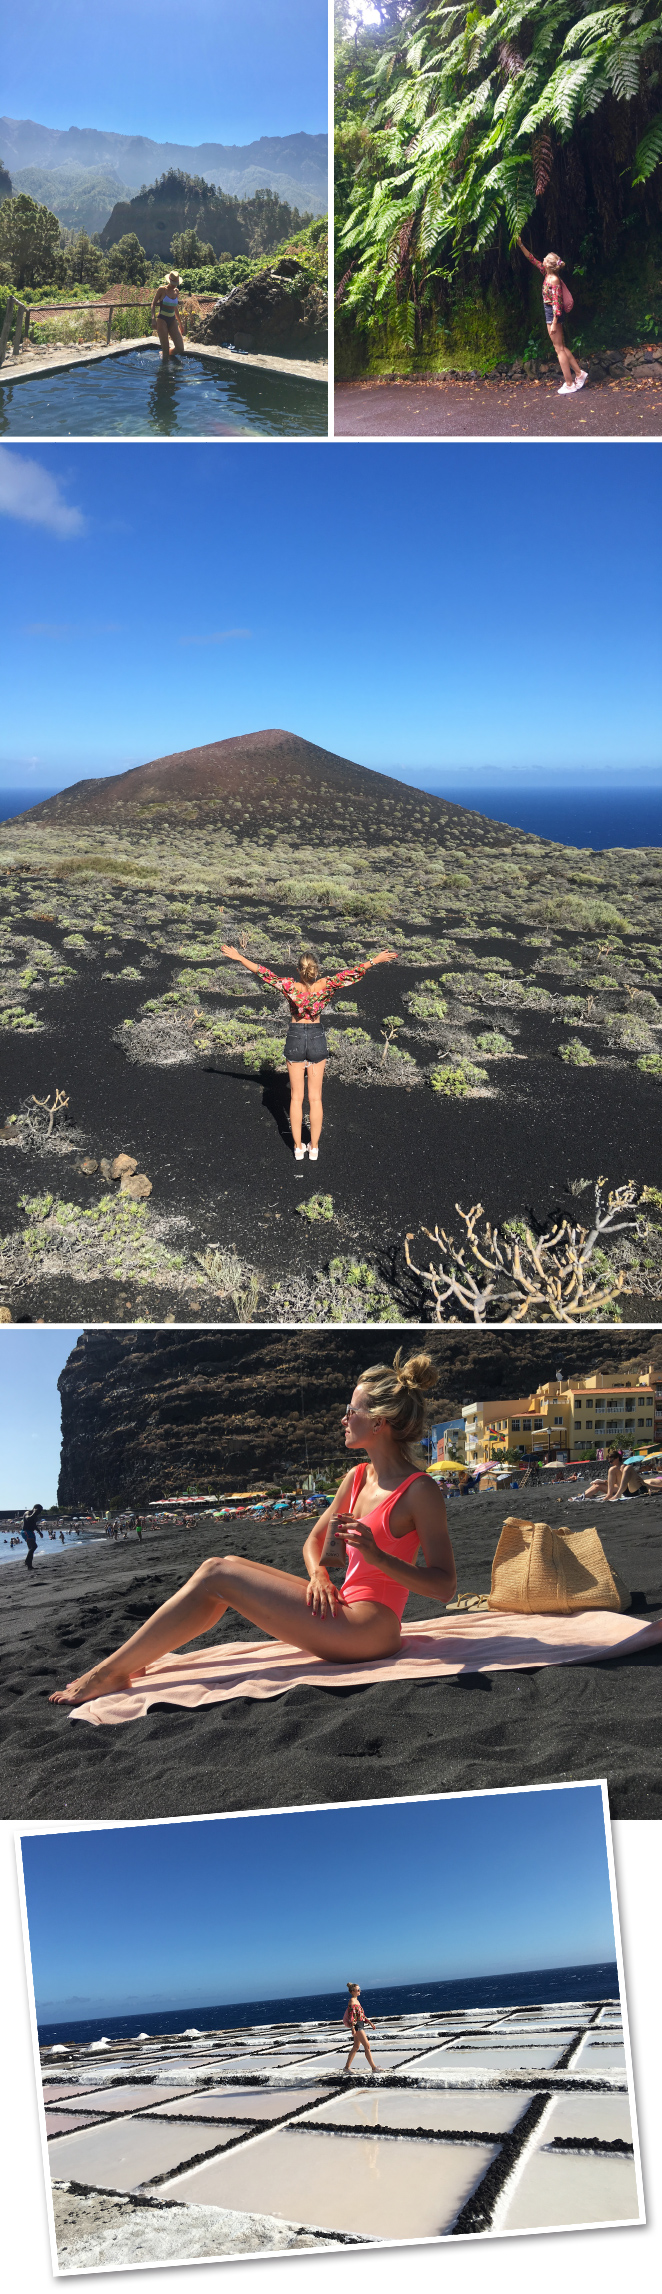 La Palma, una isla de contrastes